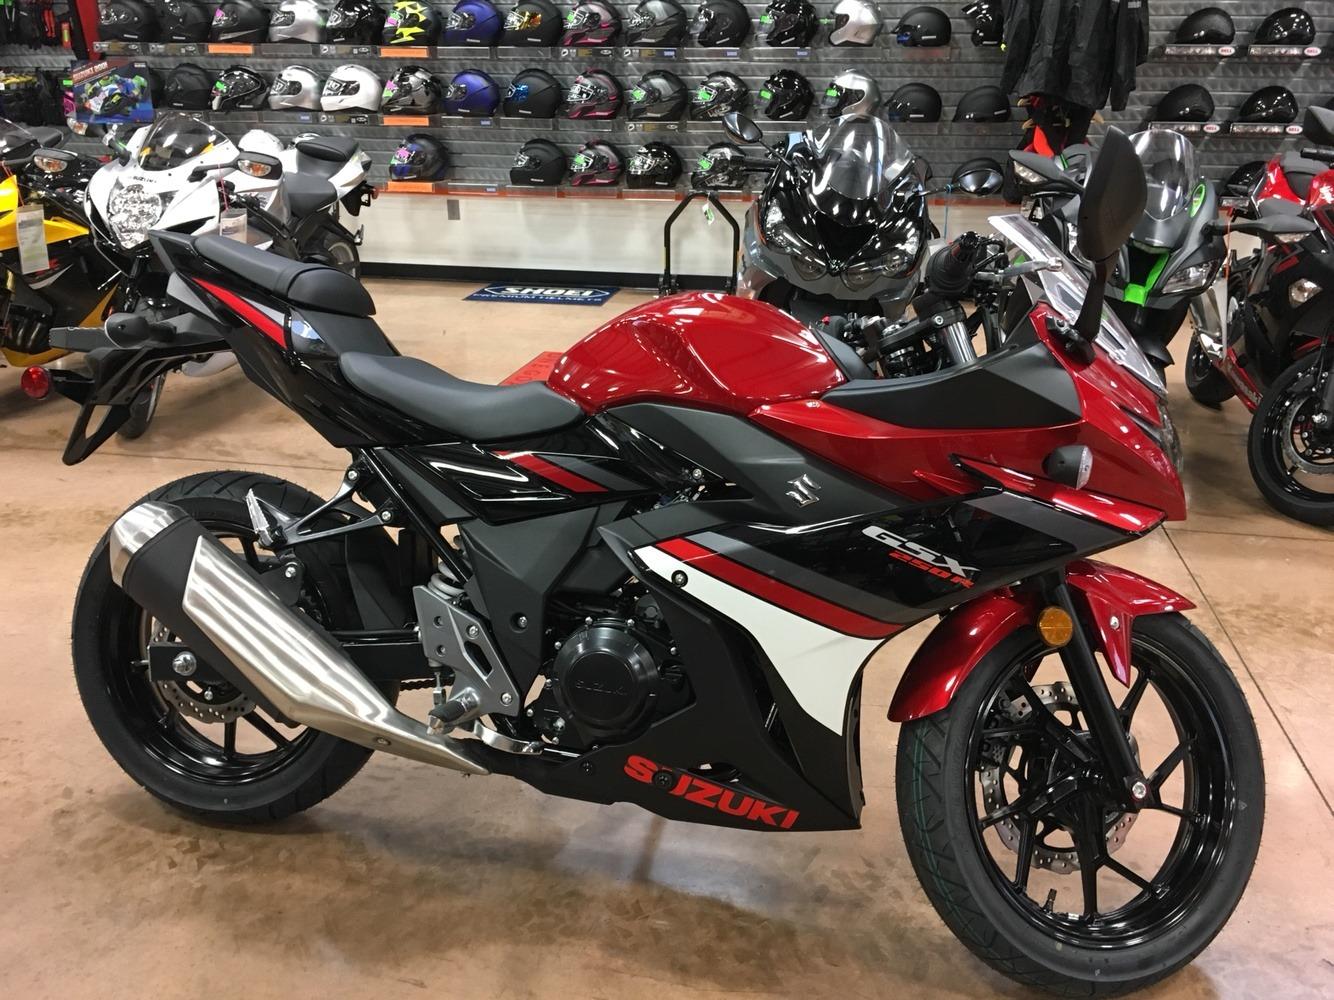 2019 Suzuki GSX250R for sale 2773